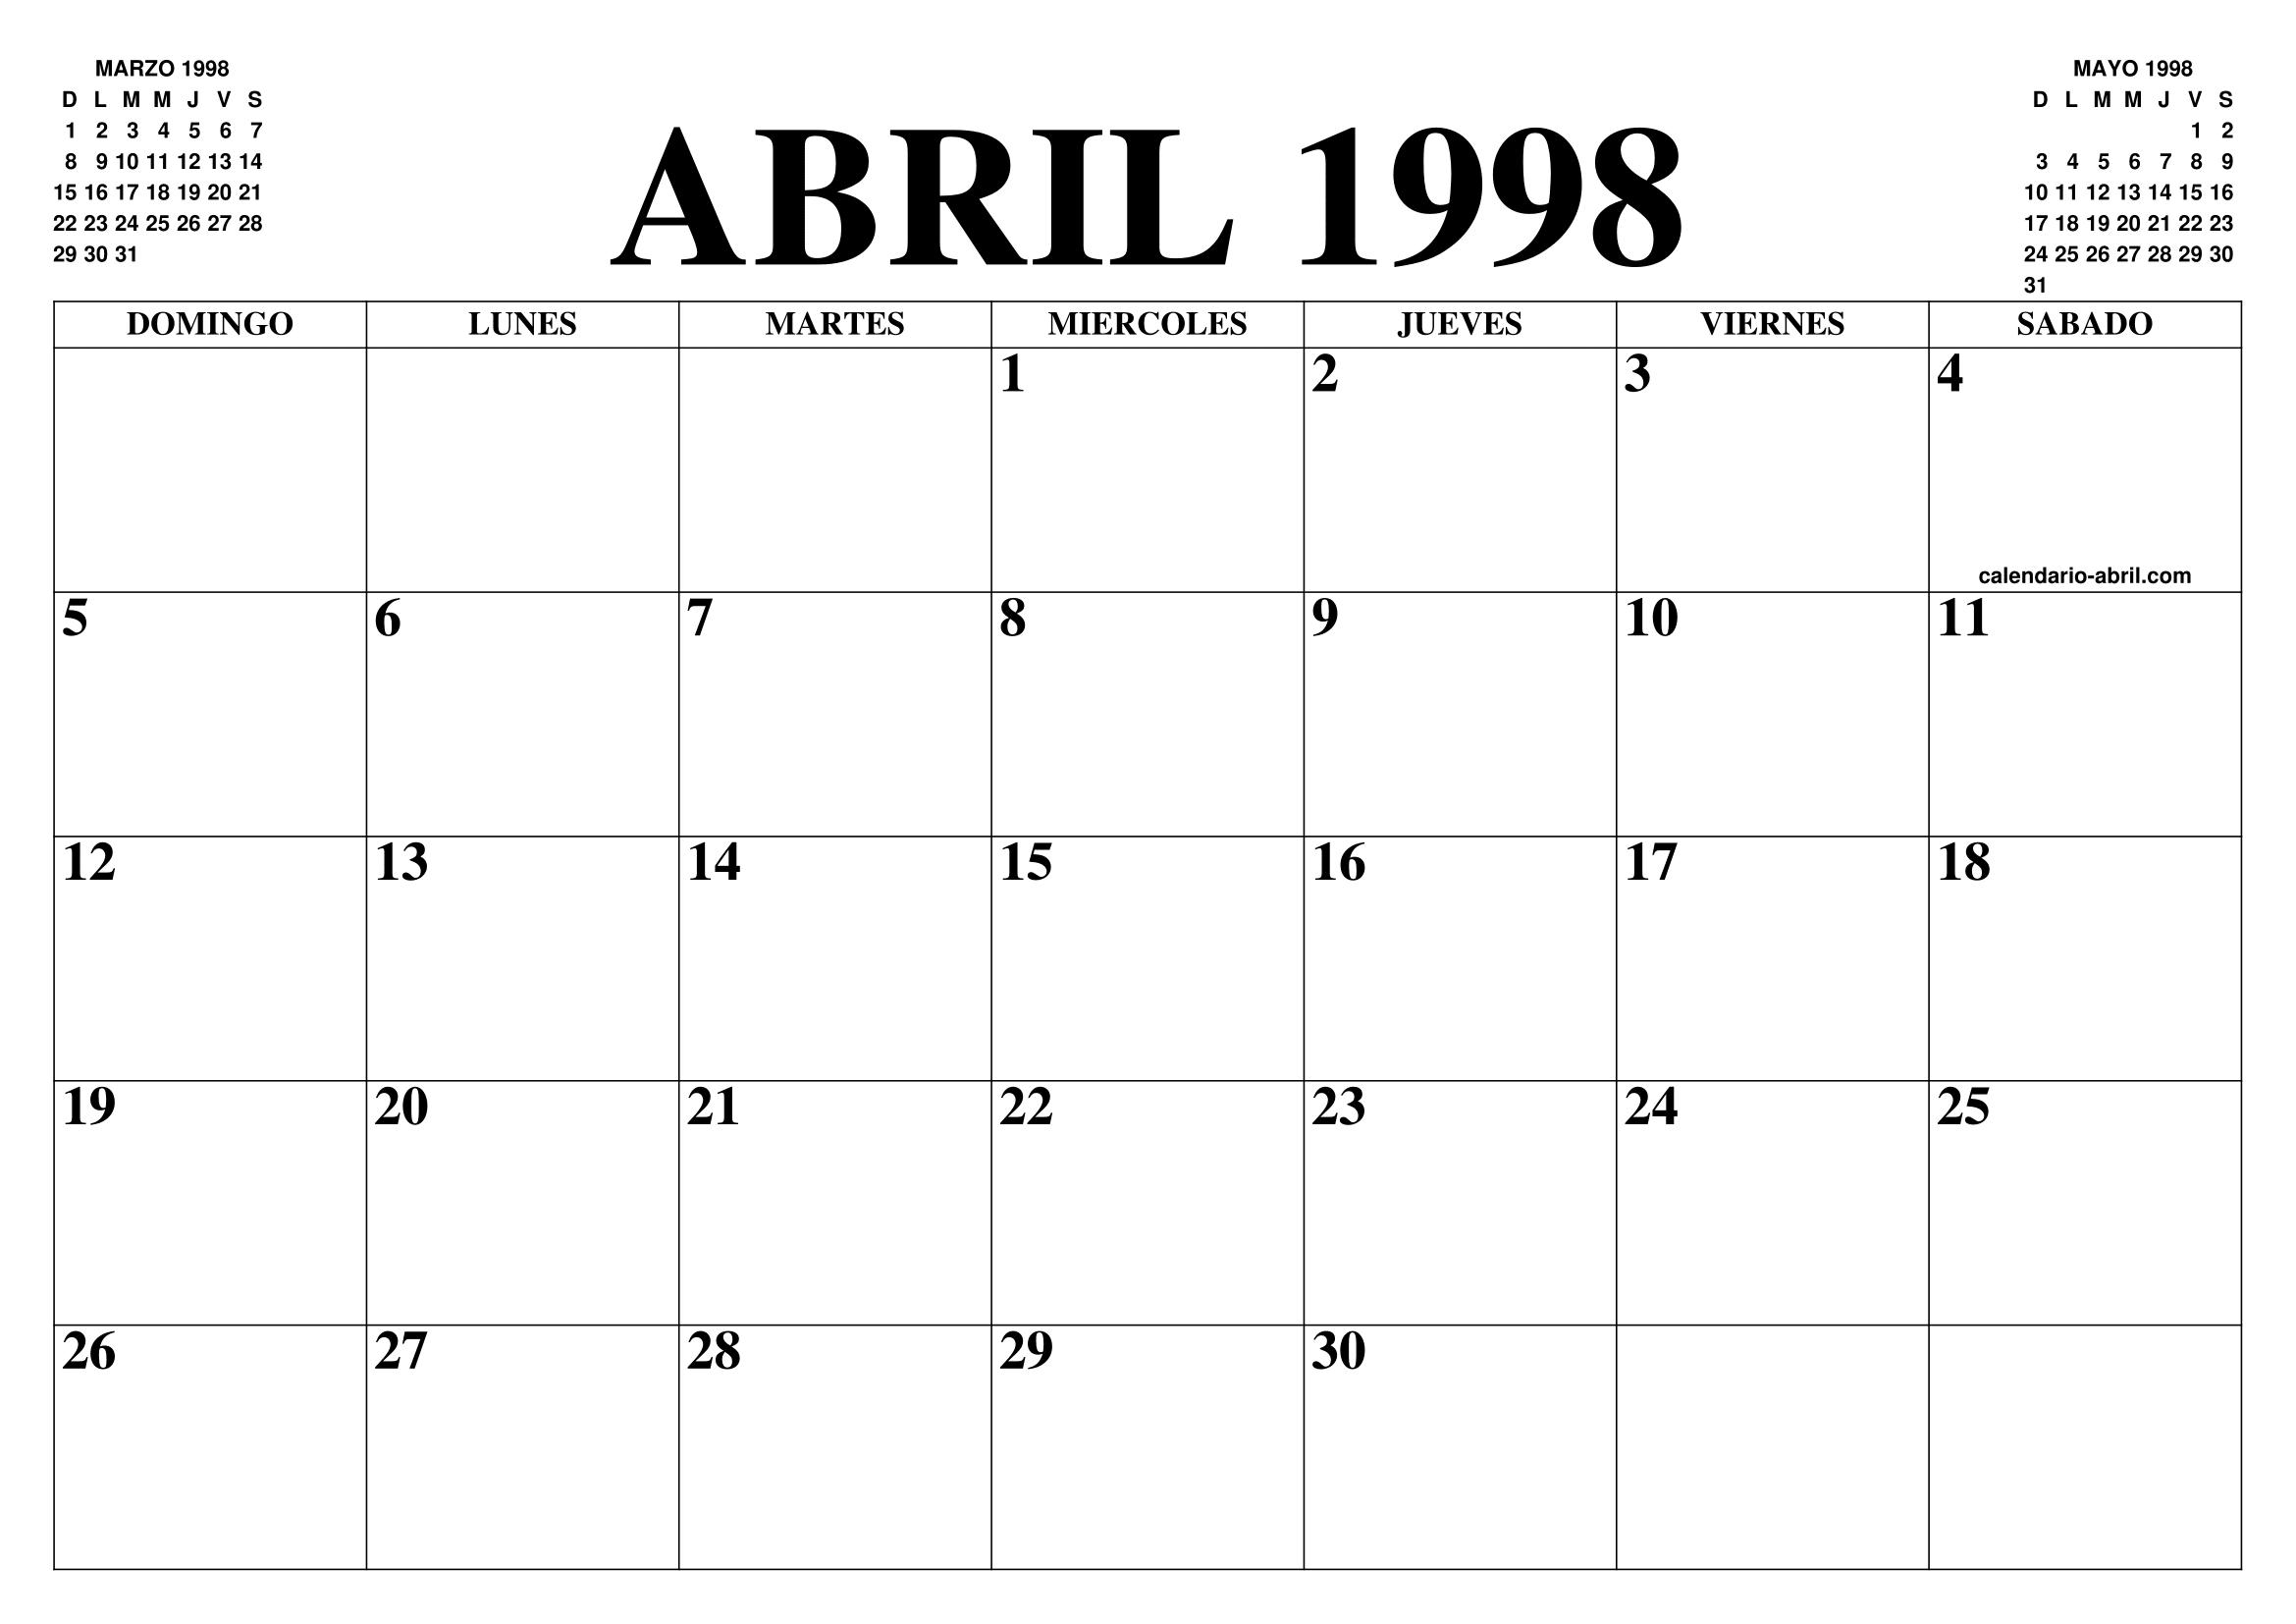 1998 Calendario.Calendario Abril 1998 El Calendario Abril Para Imprimir